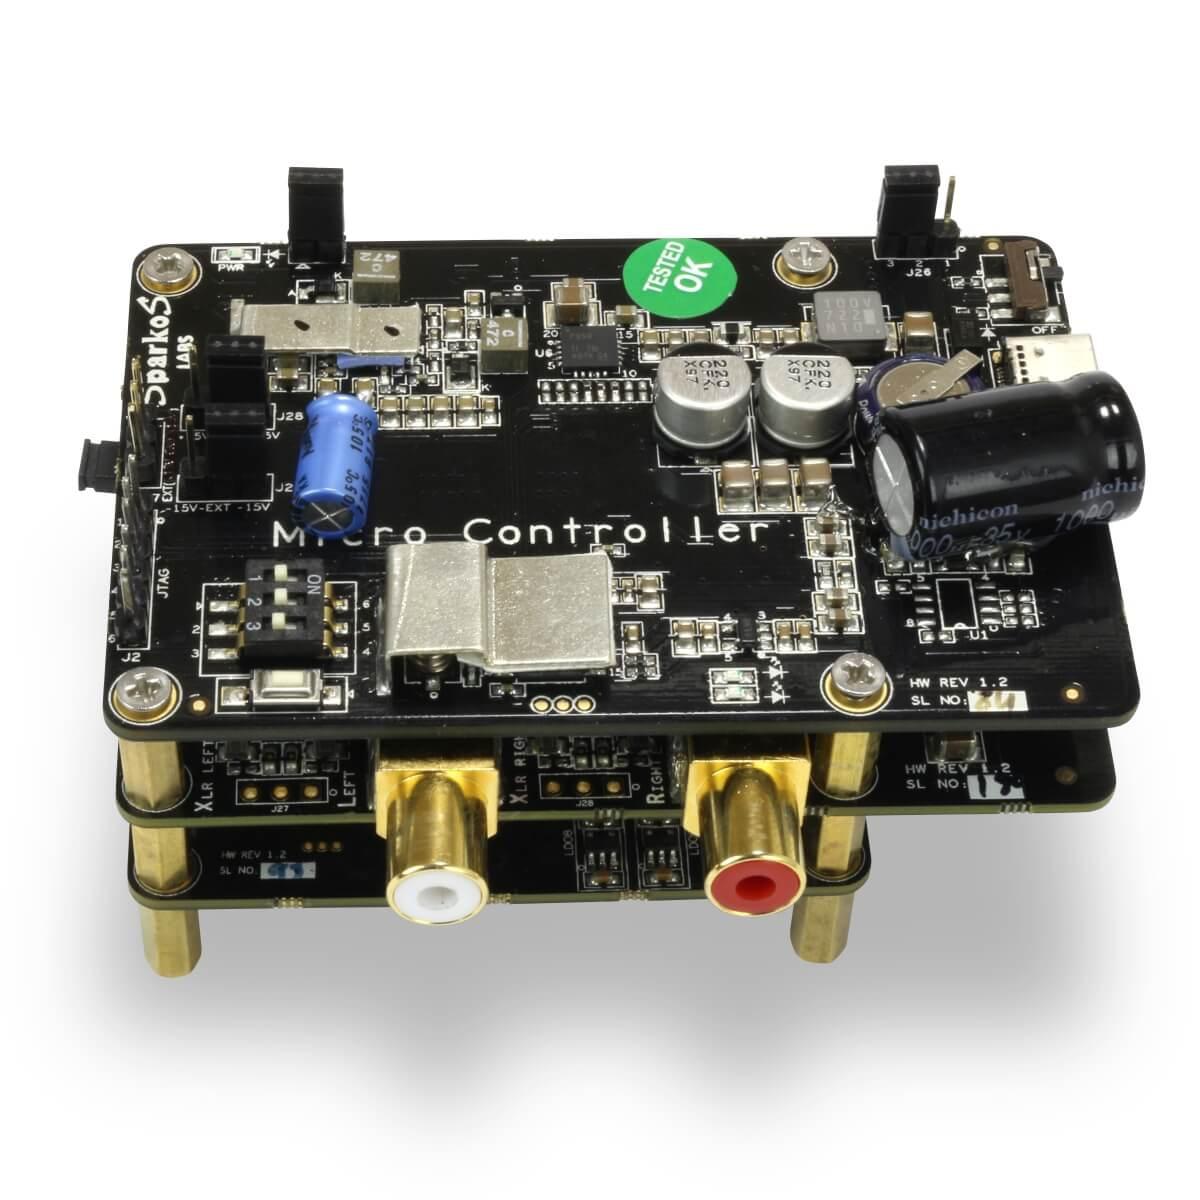 ALLO KATANA 1.2 PURE THD+N DAC for Raspberry Pi ES9038Q2M 6x AOP SparkoS Labs SS3601 32bit 384kHz DSD128